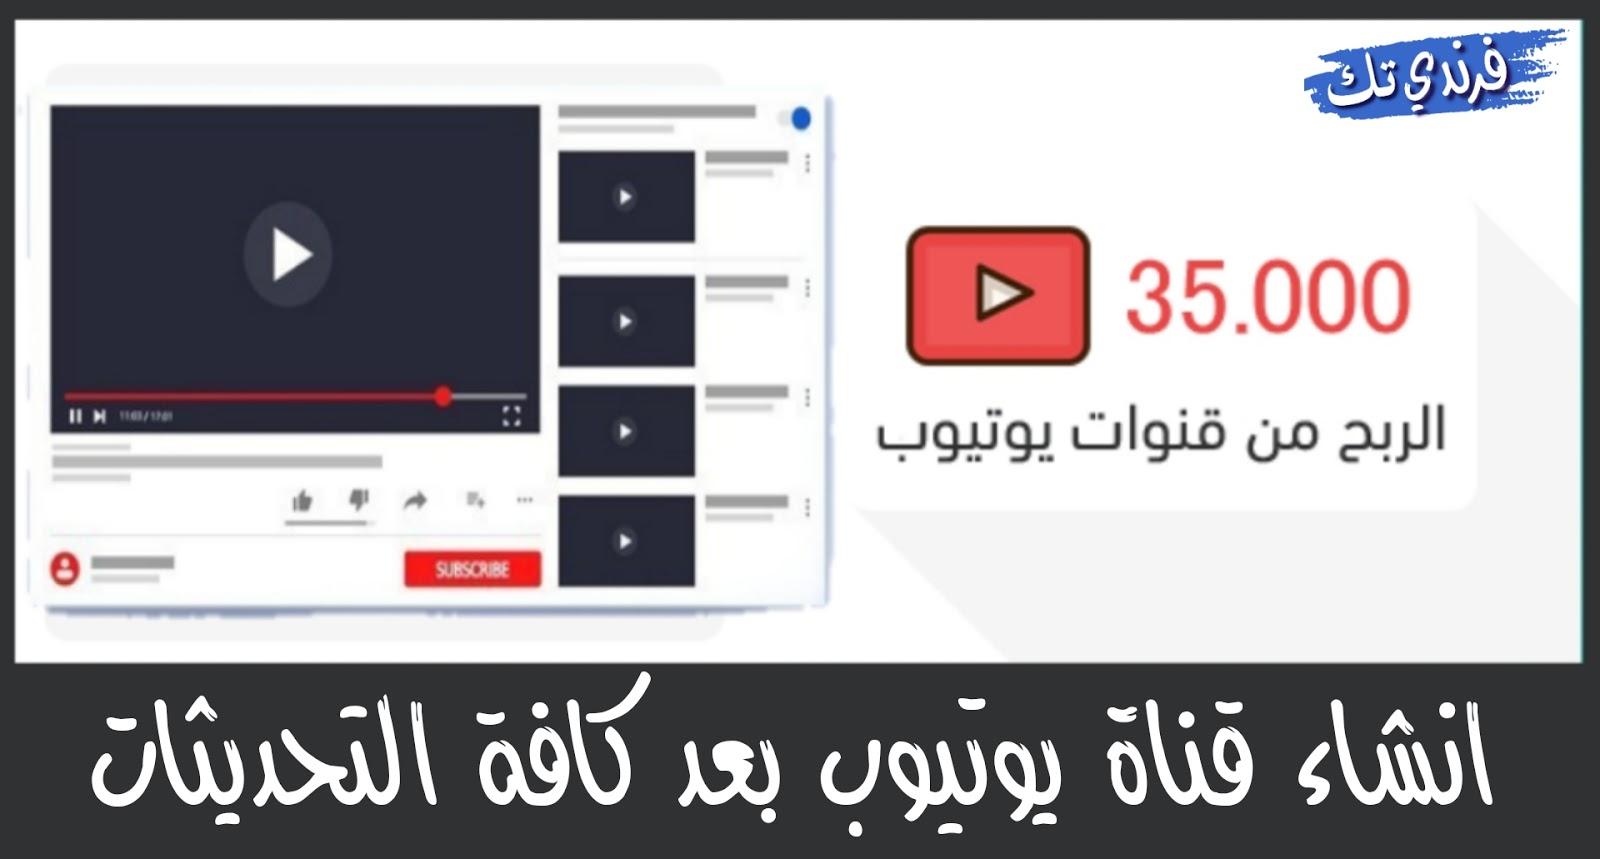 إنشاء قناة على اليوتيوب بعد كافة التحديثات || دليل شامل وتفصيلي